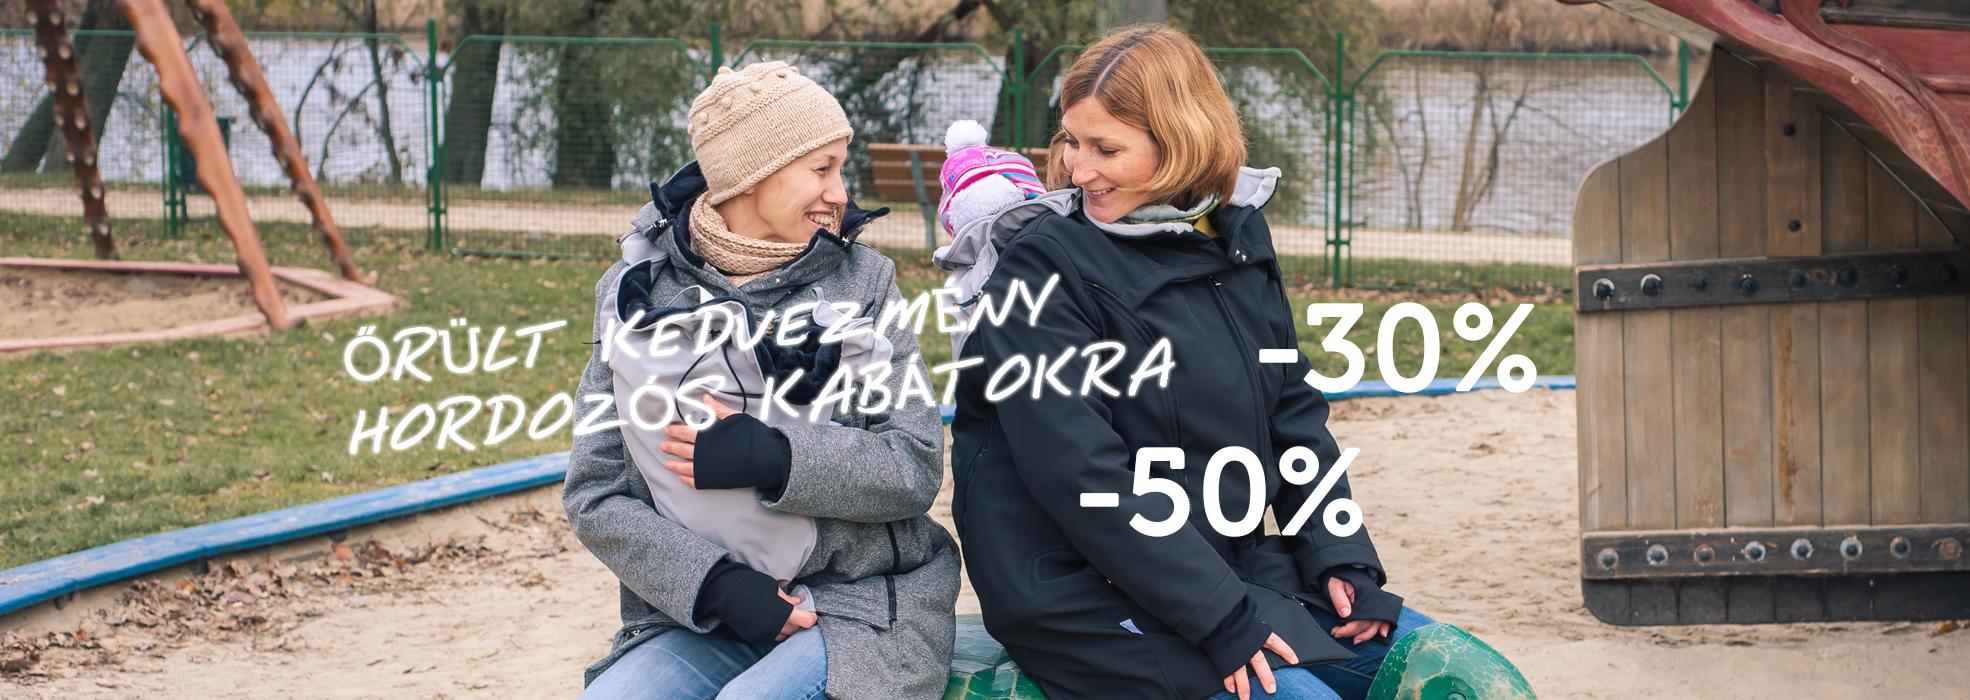 -50-30% hordozós kabát akció